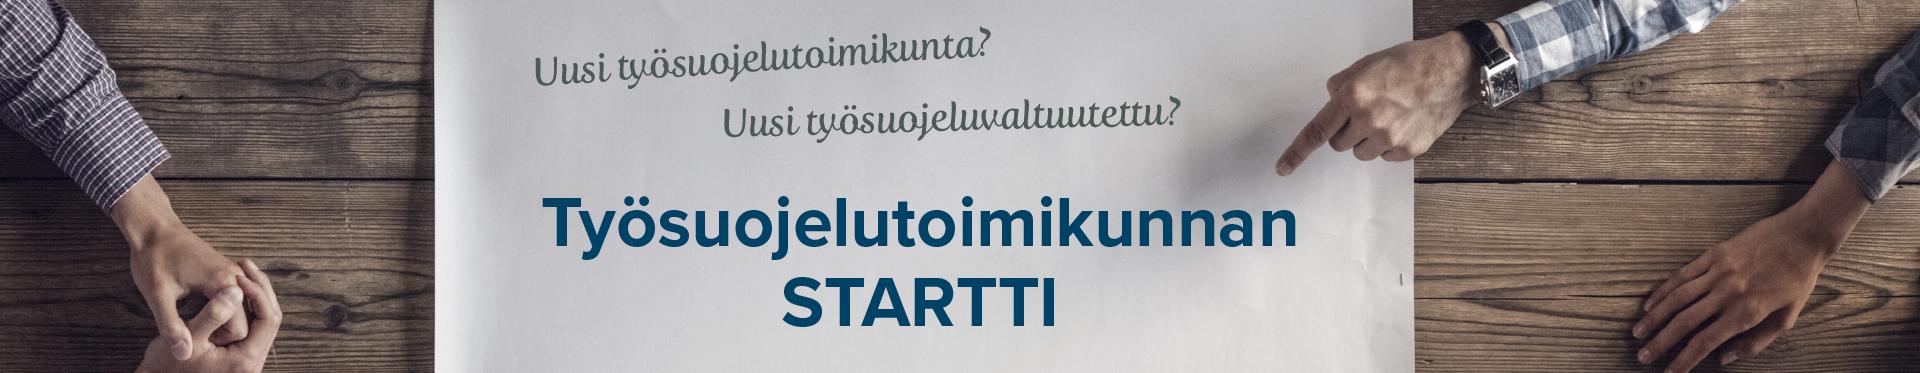 Työsuojelutoimikunnta -kampanja